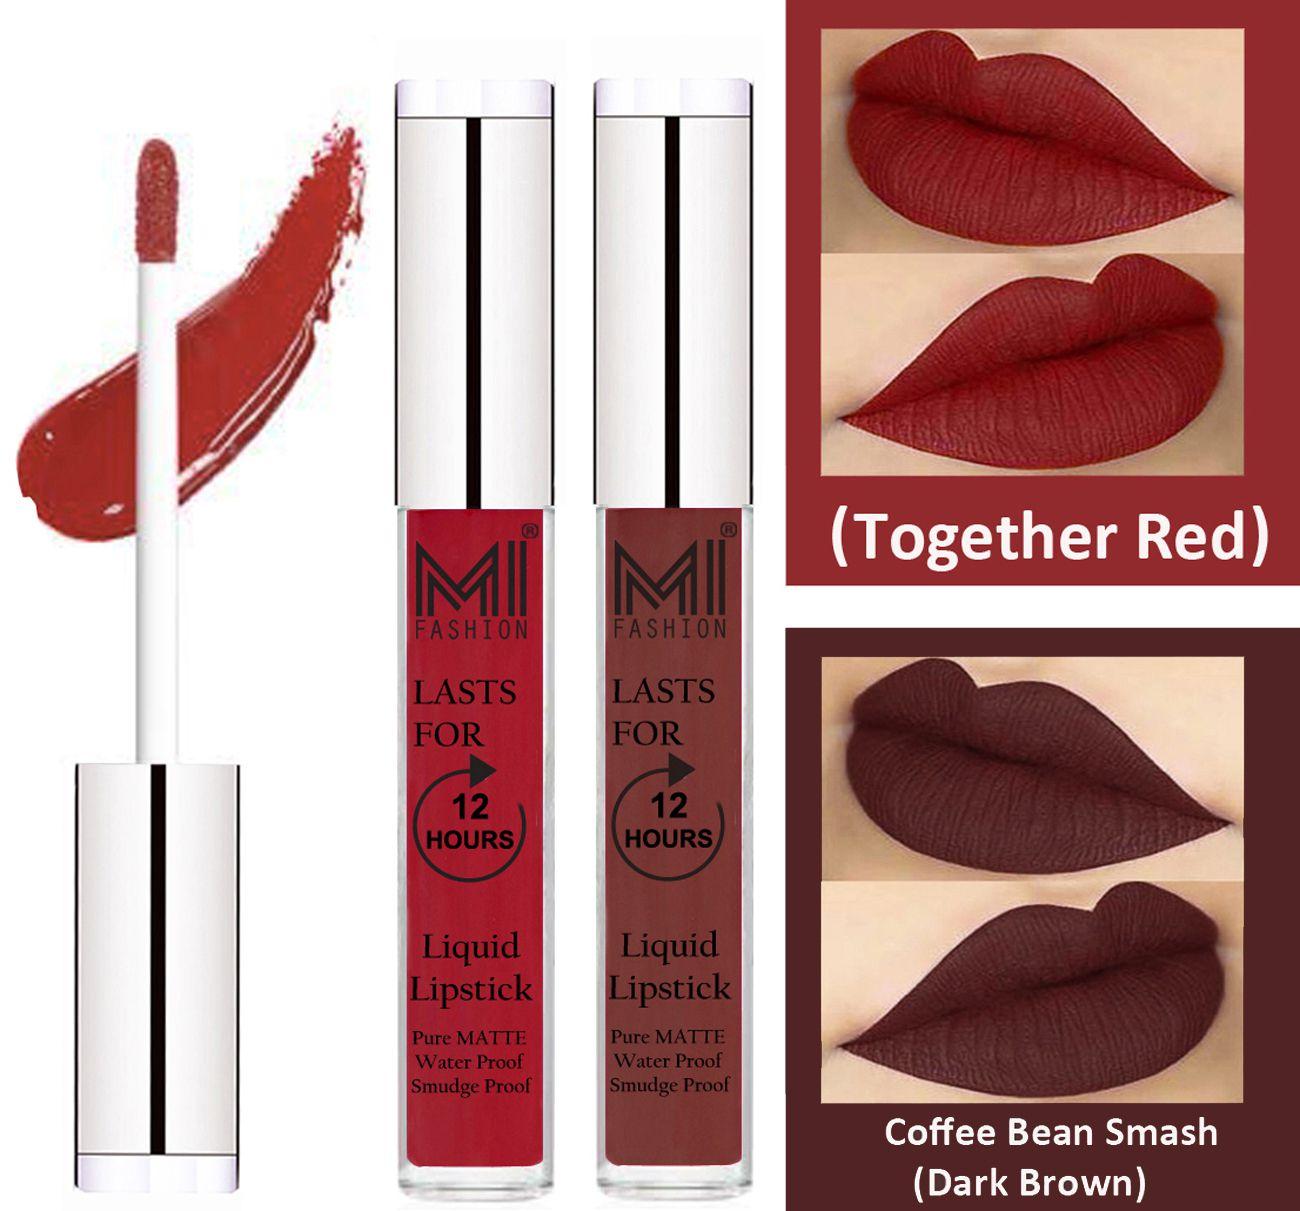 MI FASHION Liquid Lipstick Together Red,Dark Brown 3 ml Pack of 2